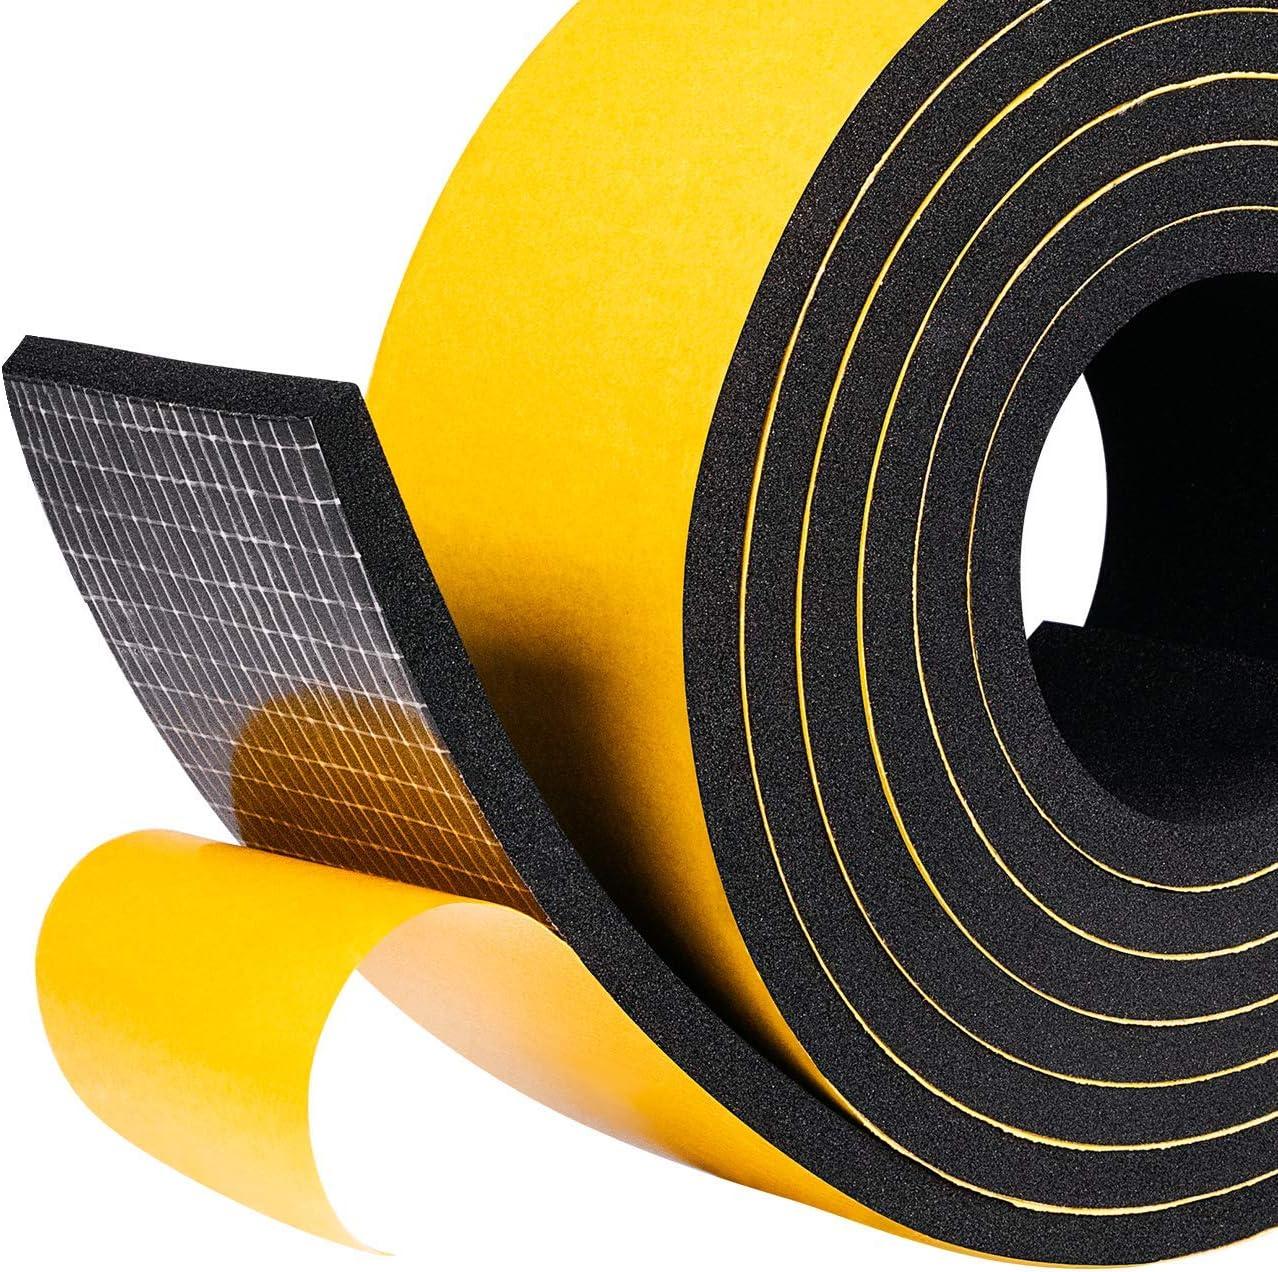 Fowong - Cinta adhesiva de espuma para puerta de casa o ventana cerrada, sello de tira del clima, sistema de aislamiento acústico, color amarillo